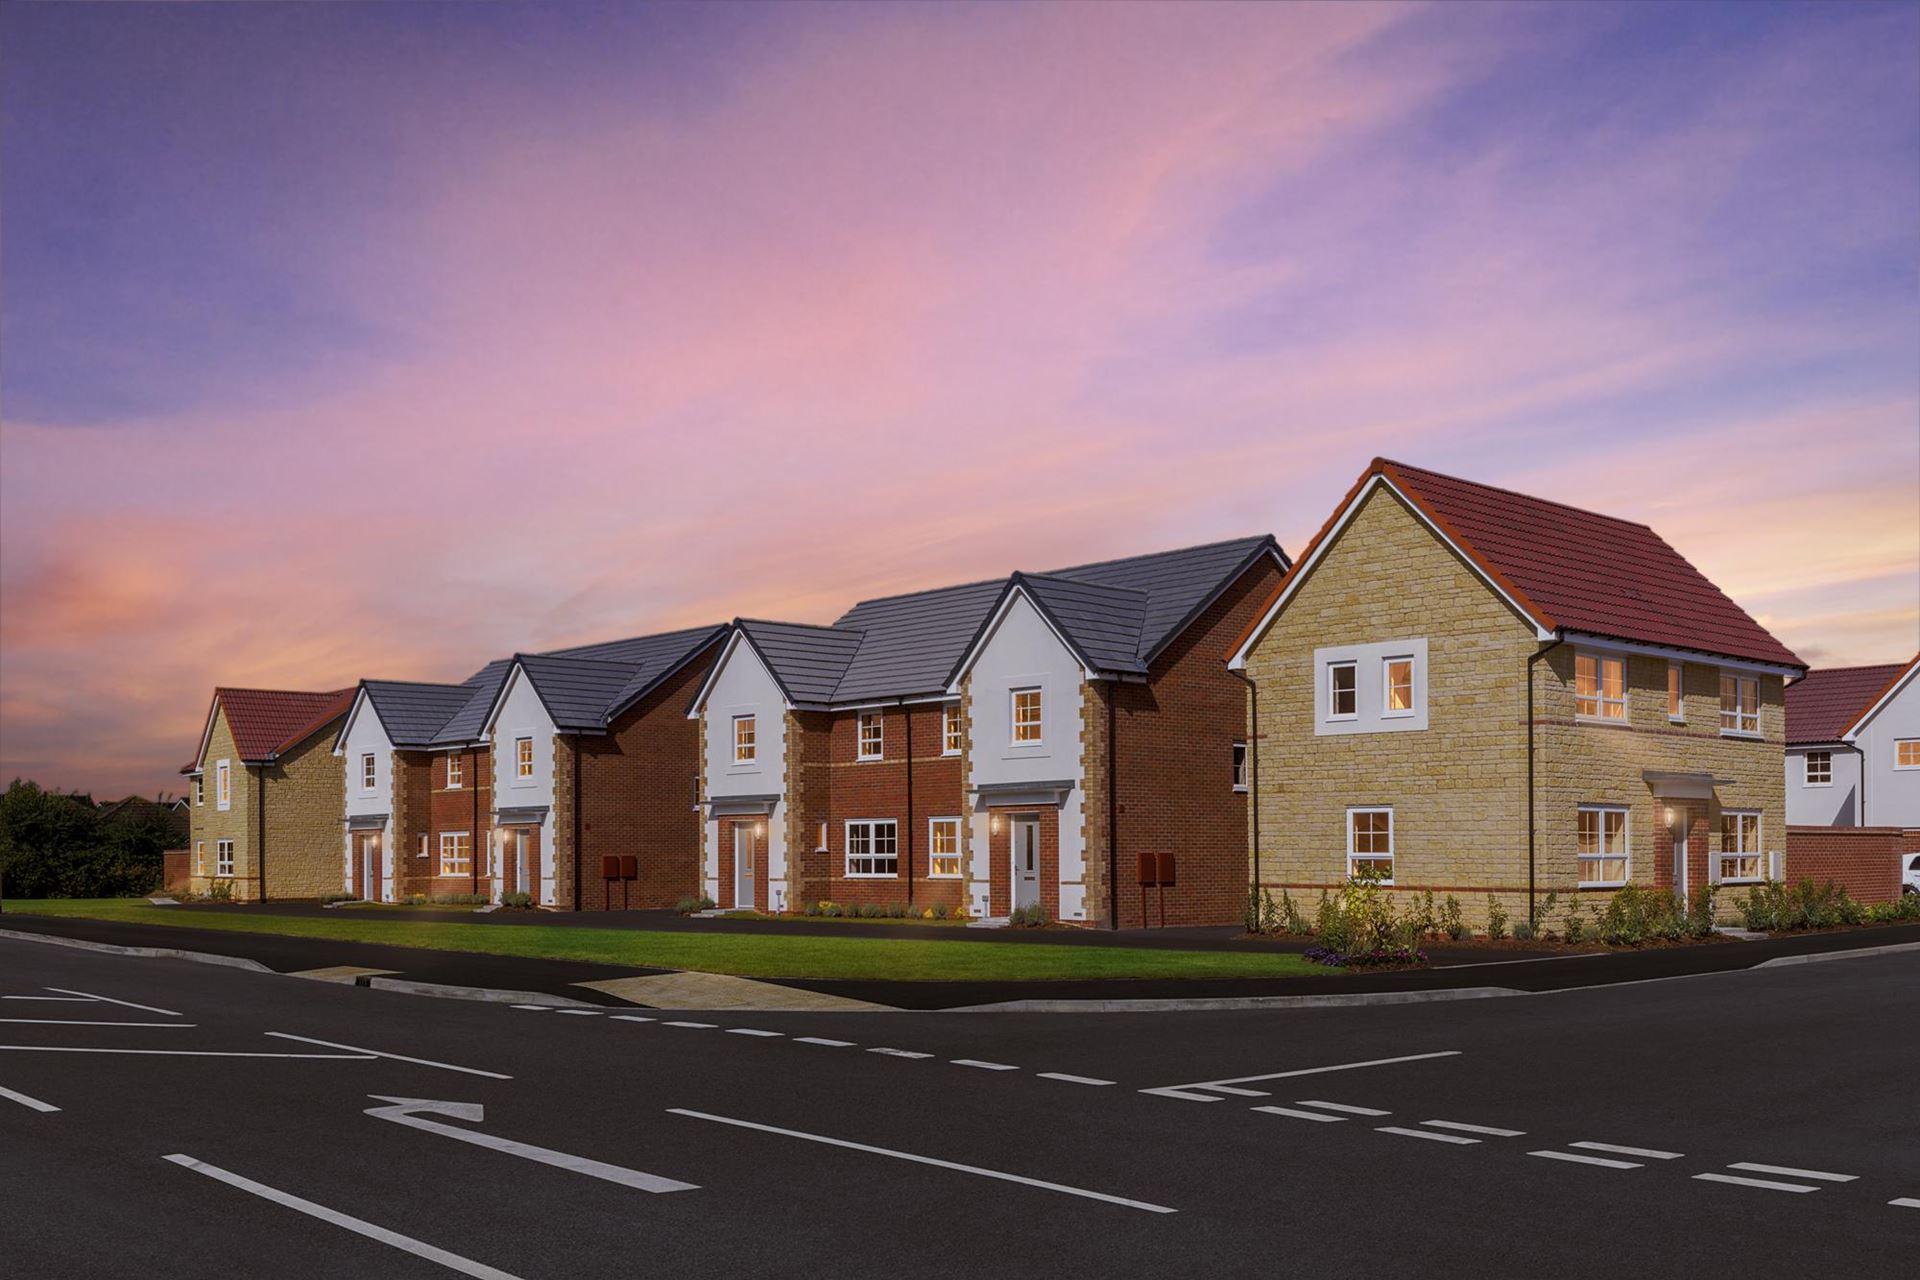 New Build Homes in Melksham